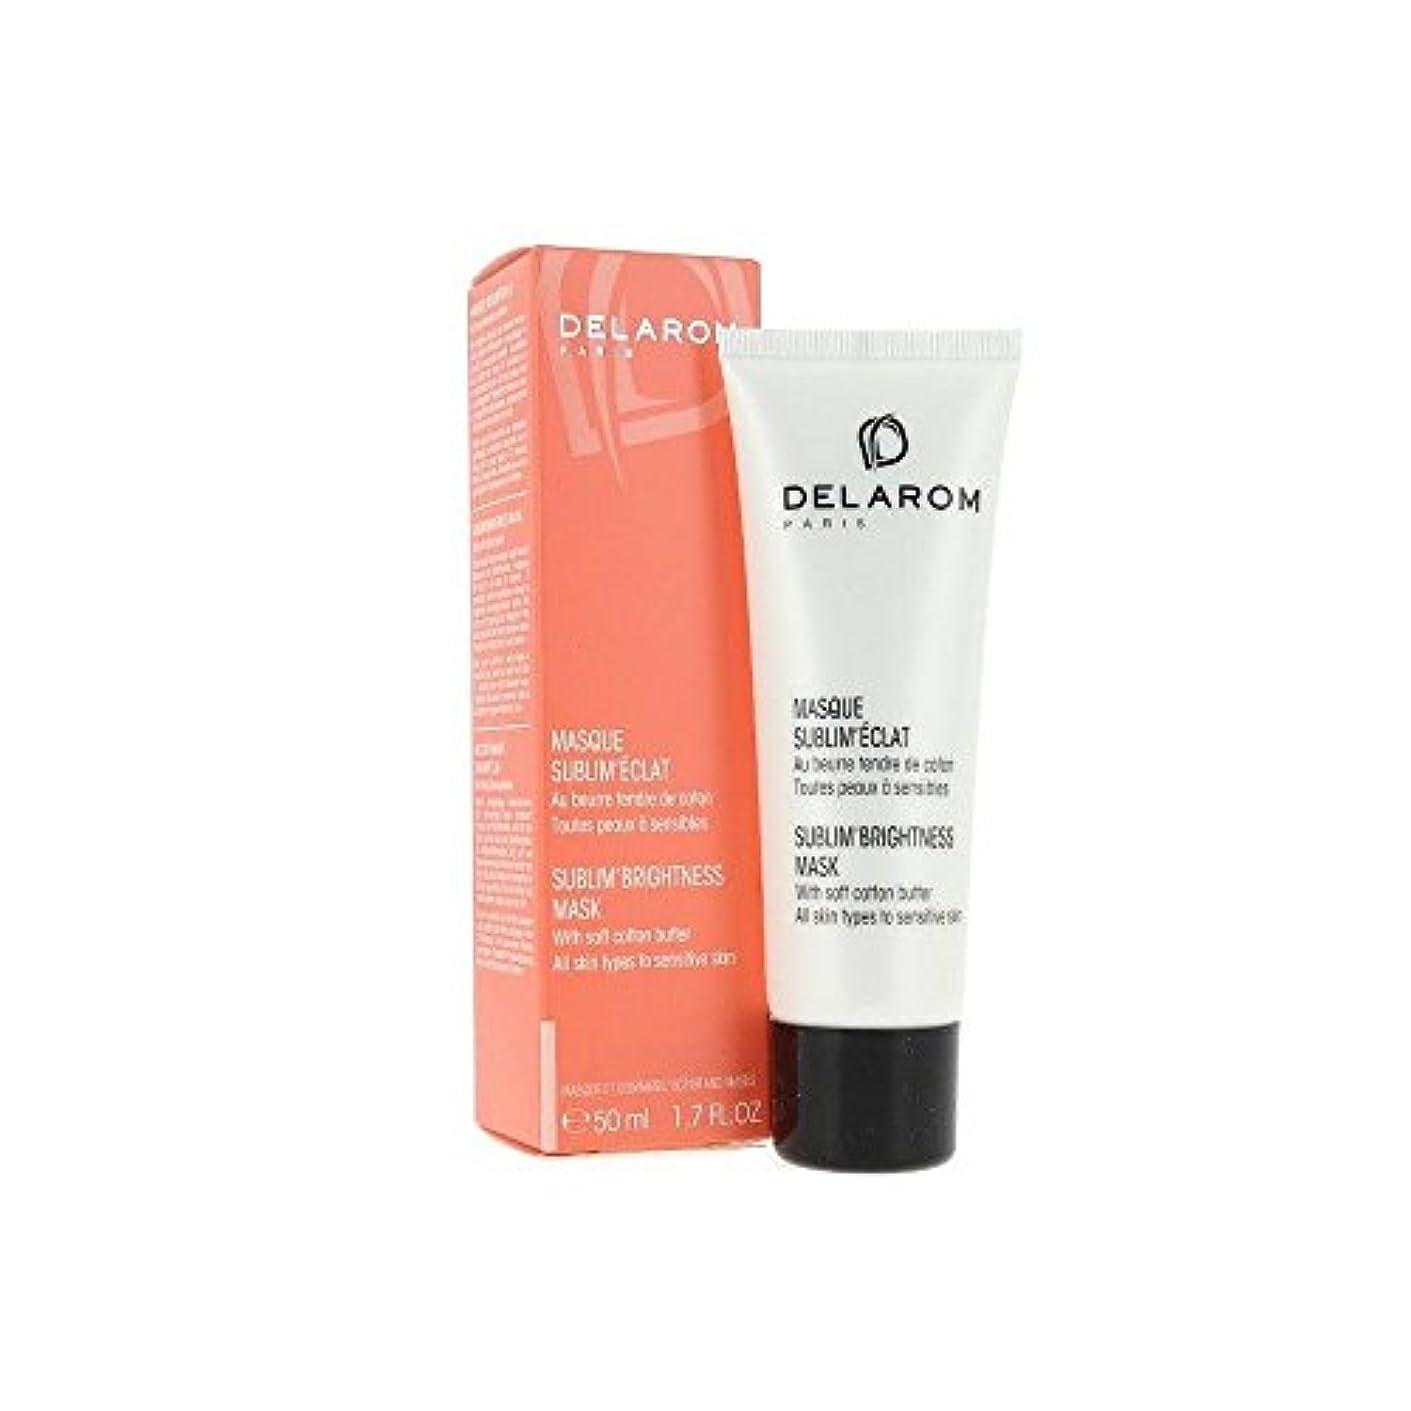 深める虫楽しませるDELAROM Sublim' Brightness Mask - For All Skin Types to Sensitive Skin 50ml/1.7oz並行輸入品